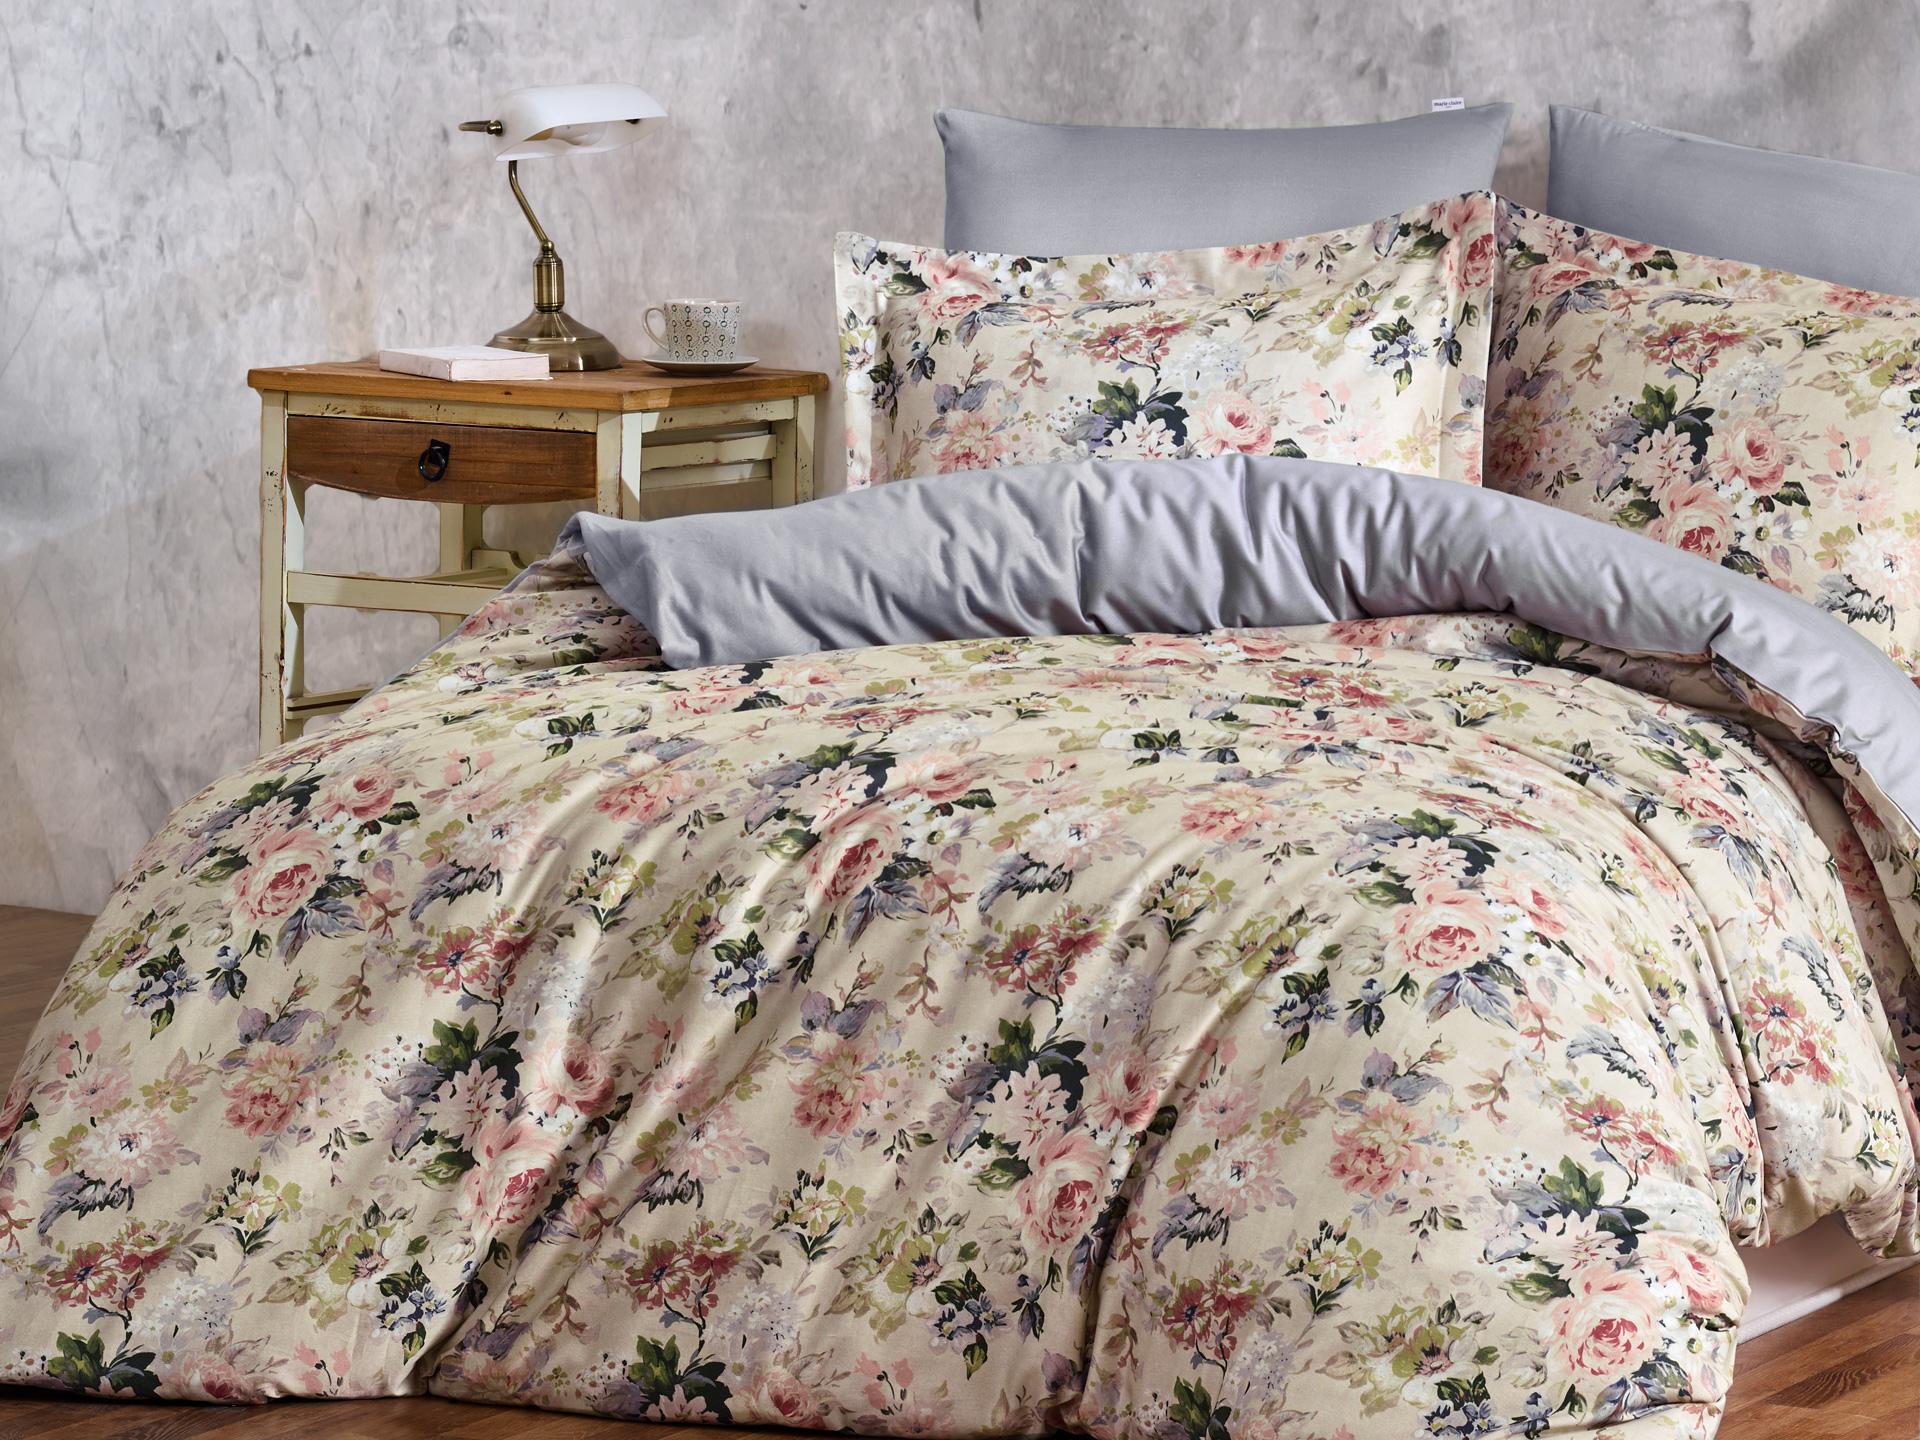 cc4045d4b45c Комплект постельного белья Marie Claire ZINNIA из сатина купить в ...